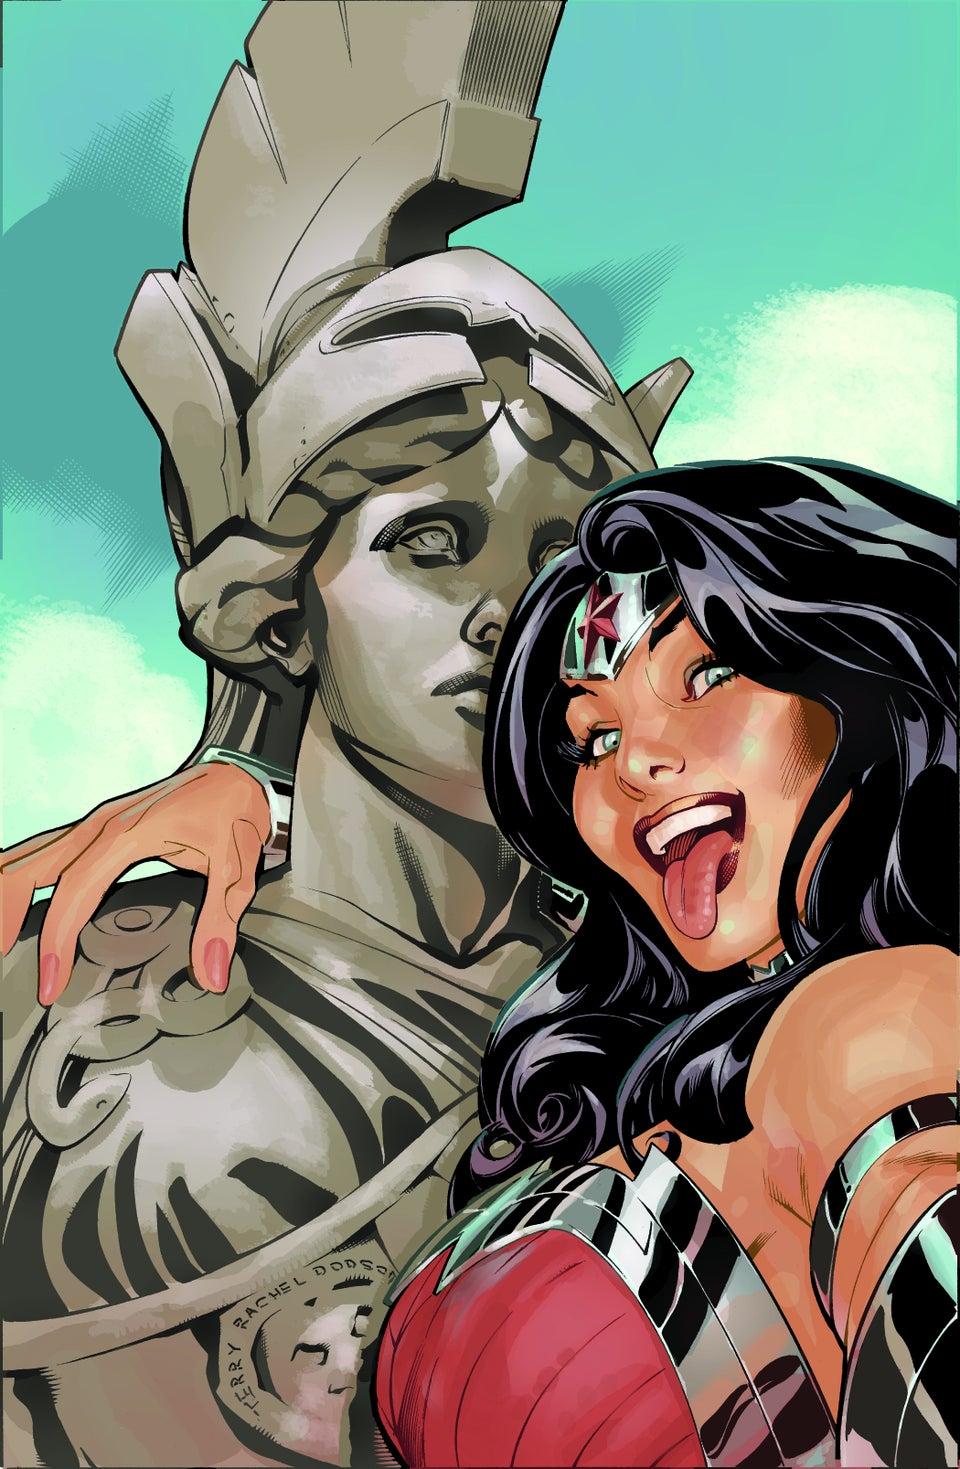 1-12 - [DC COMICS] Publicaciones Universo DC: Discusión General Wwcv34selfievarjpg-8dd961_960w